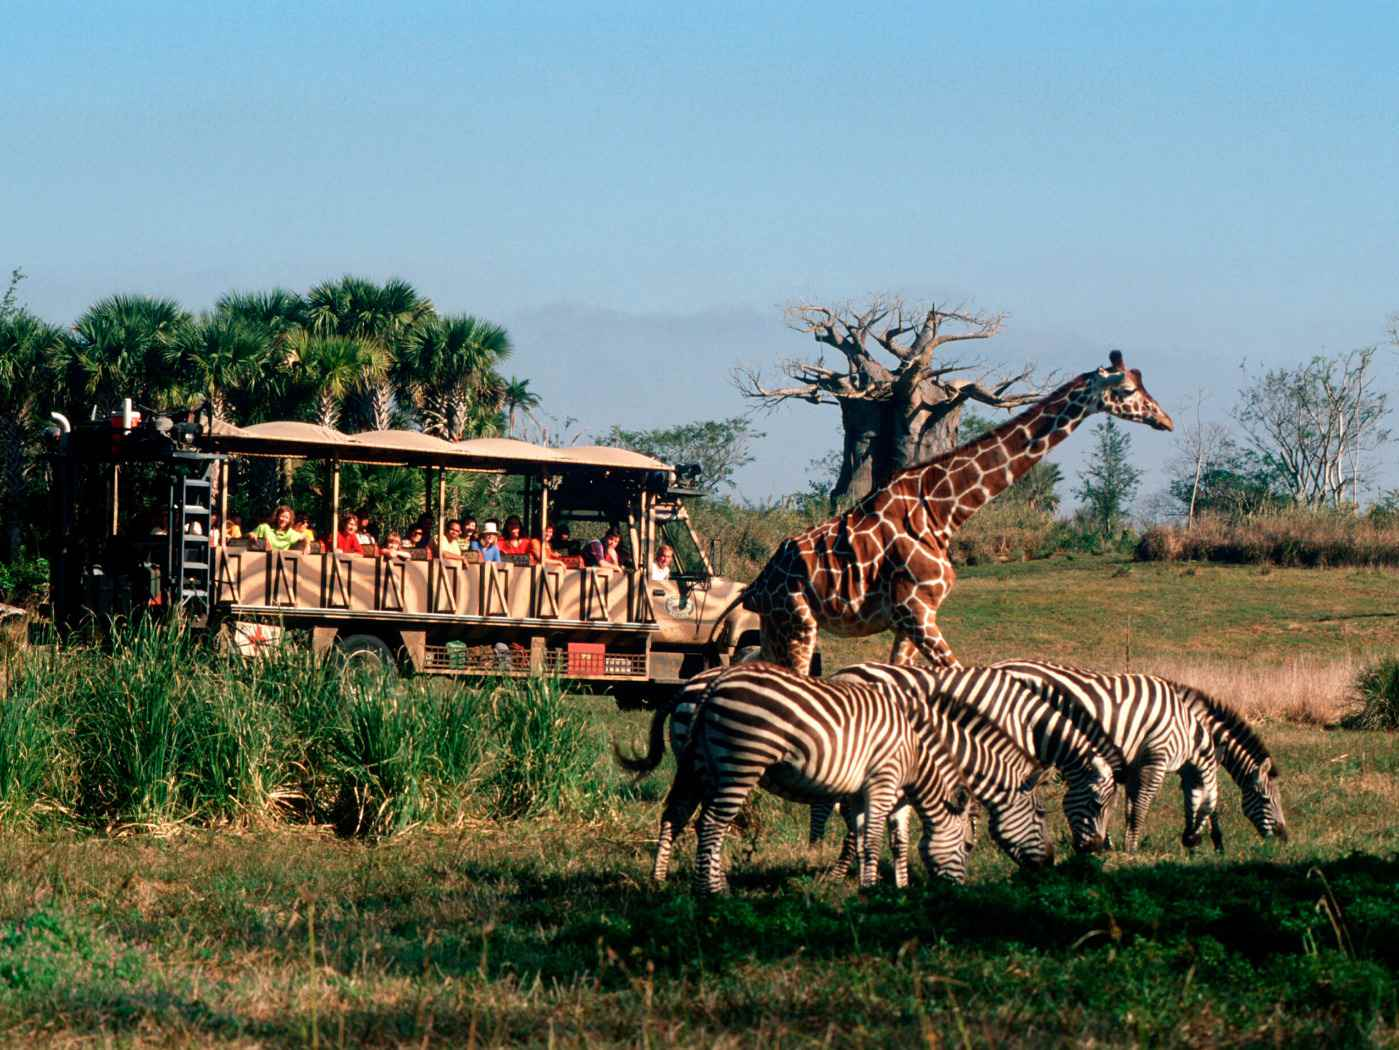 Animal Kingdom Kilimanjaro Safaris